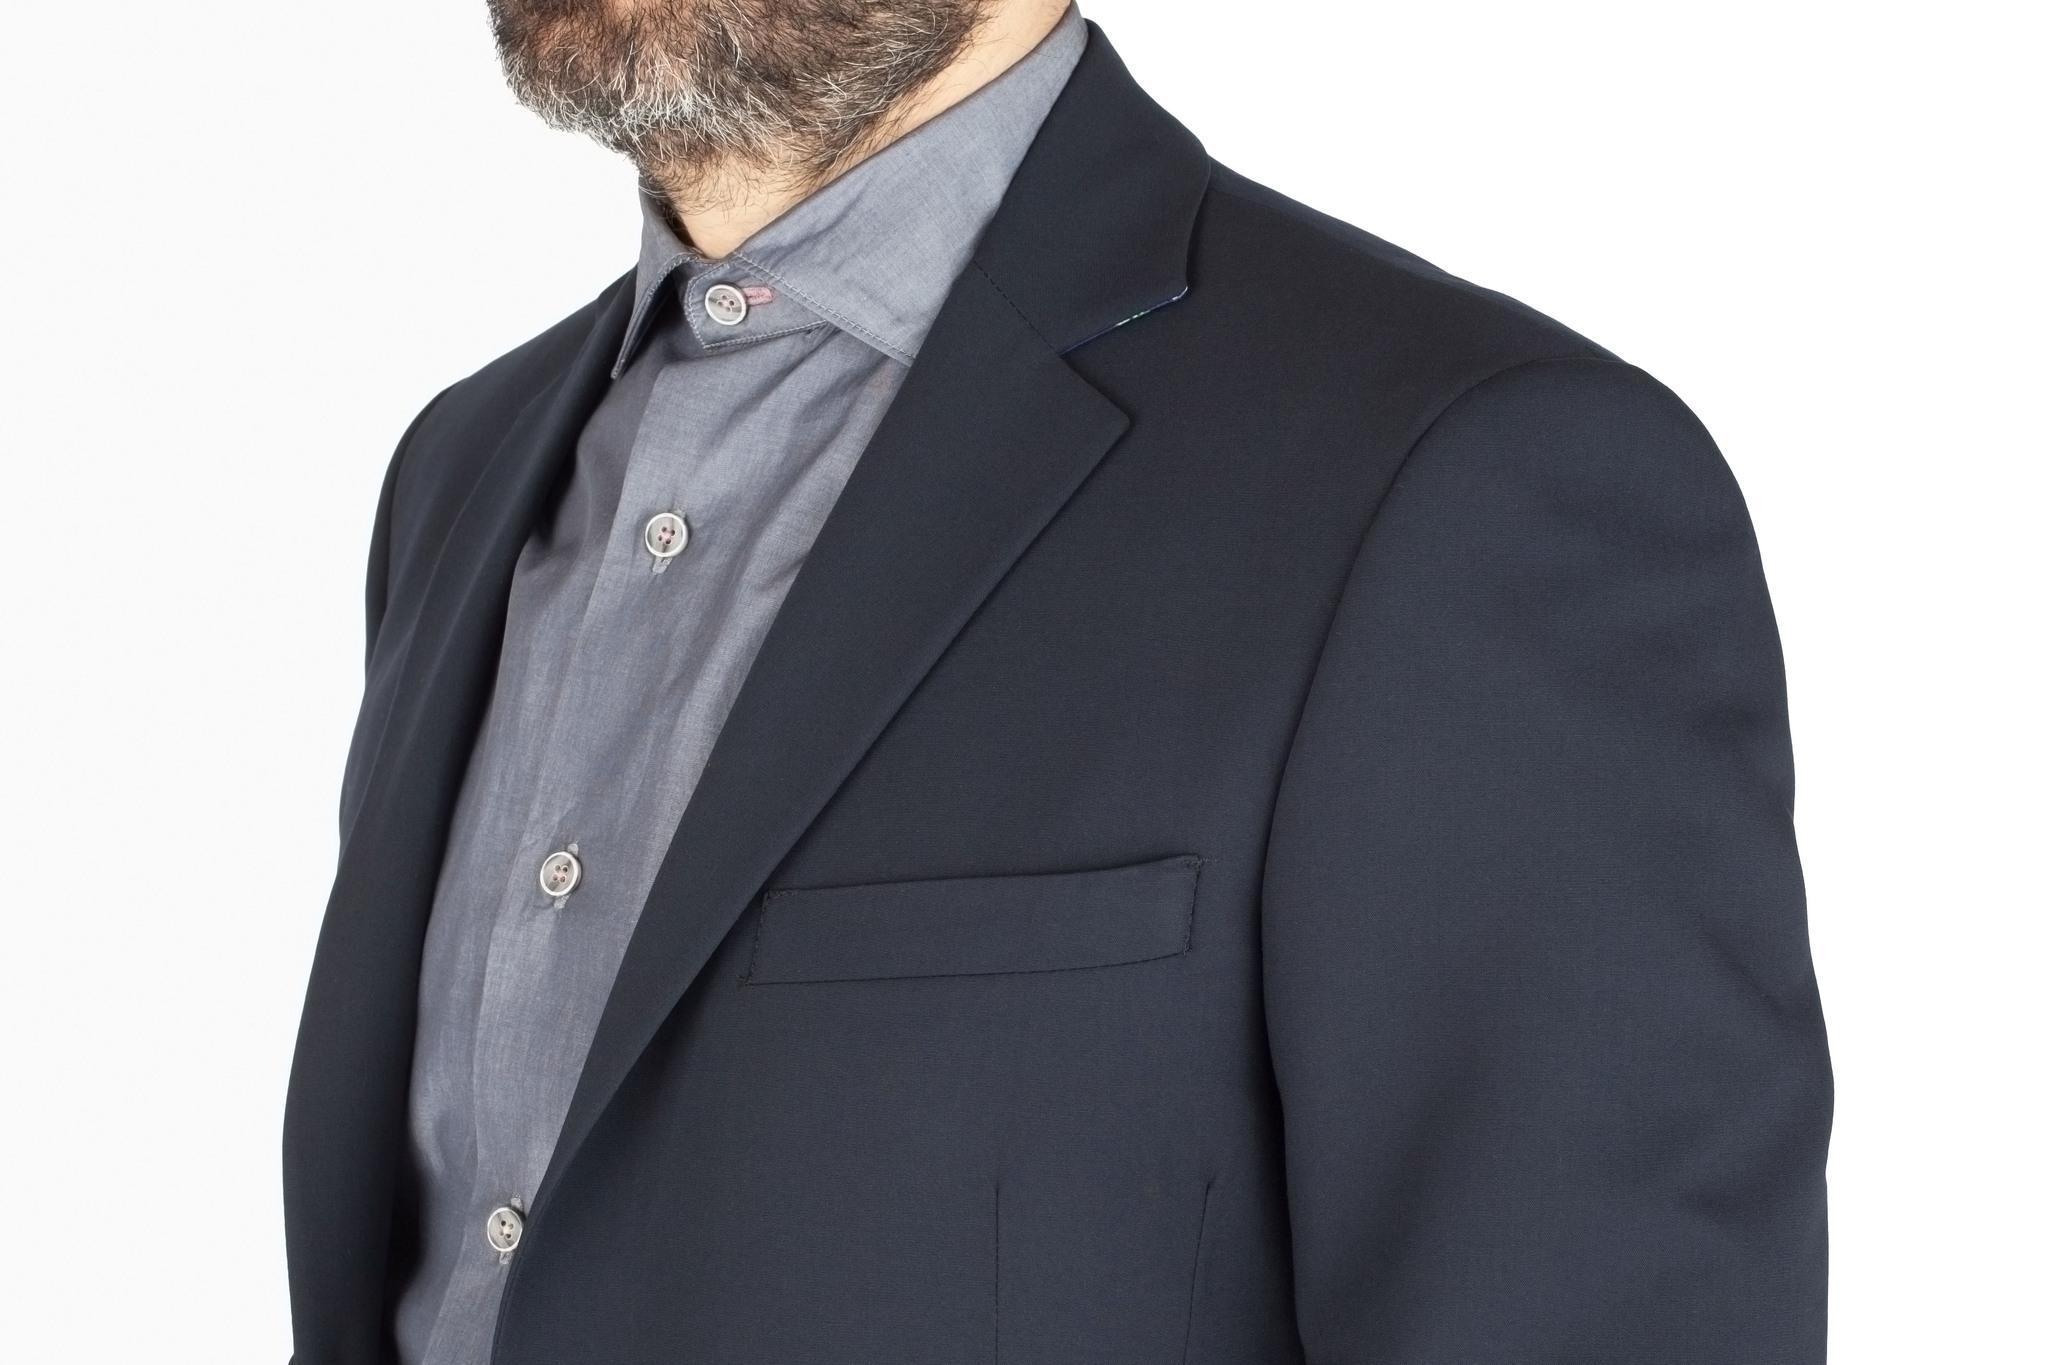 Тёмно-серый шерстяной костюм, нагрудный карман